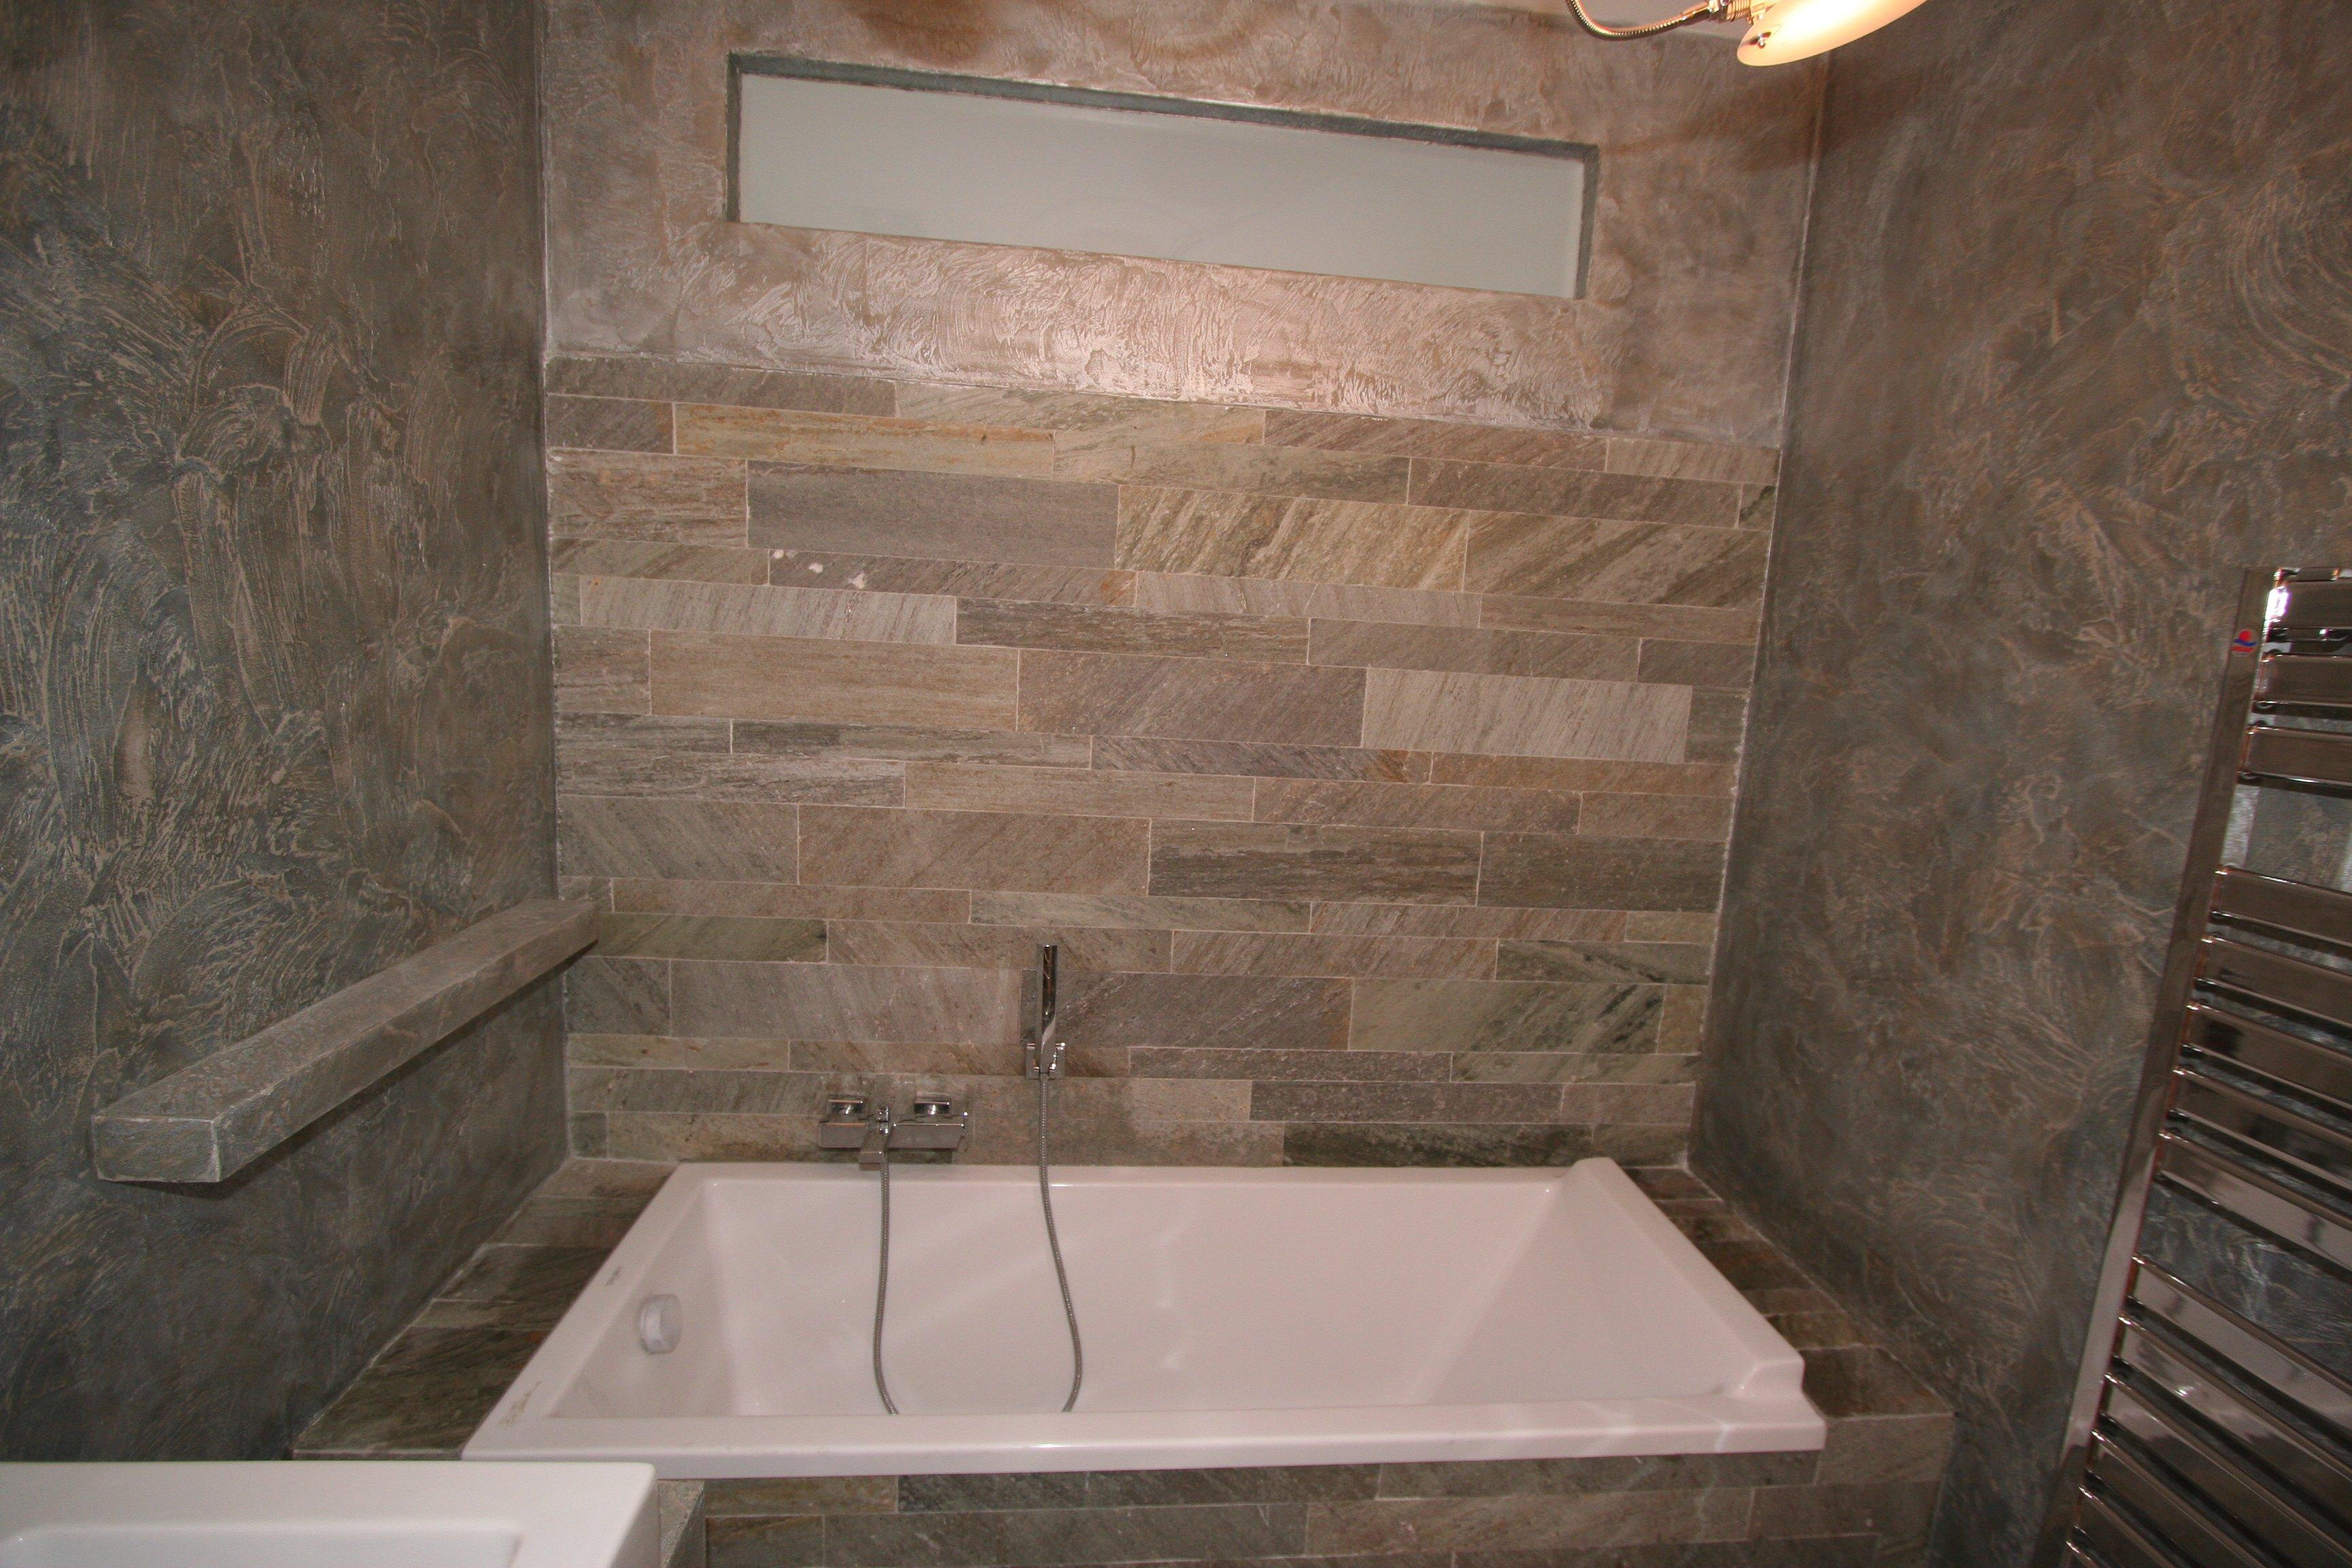 Image bagno 2 foto 3 vasca acrilica perfetamente - Vasca da bagno muratura ...